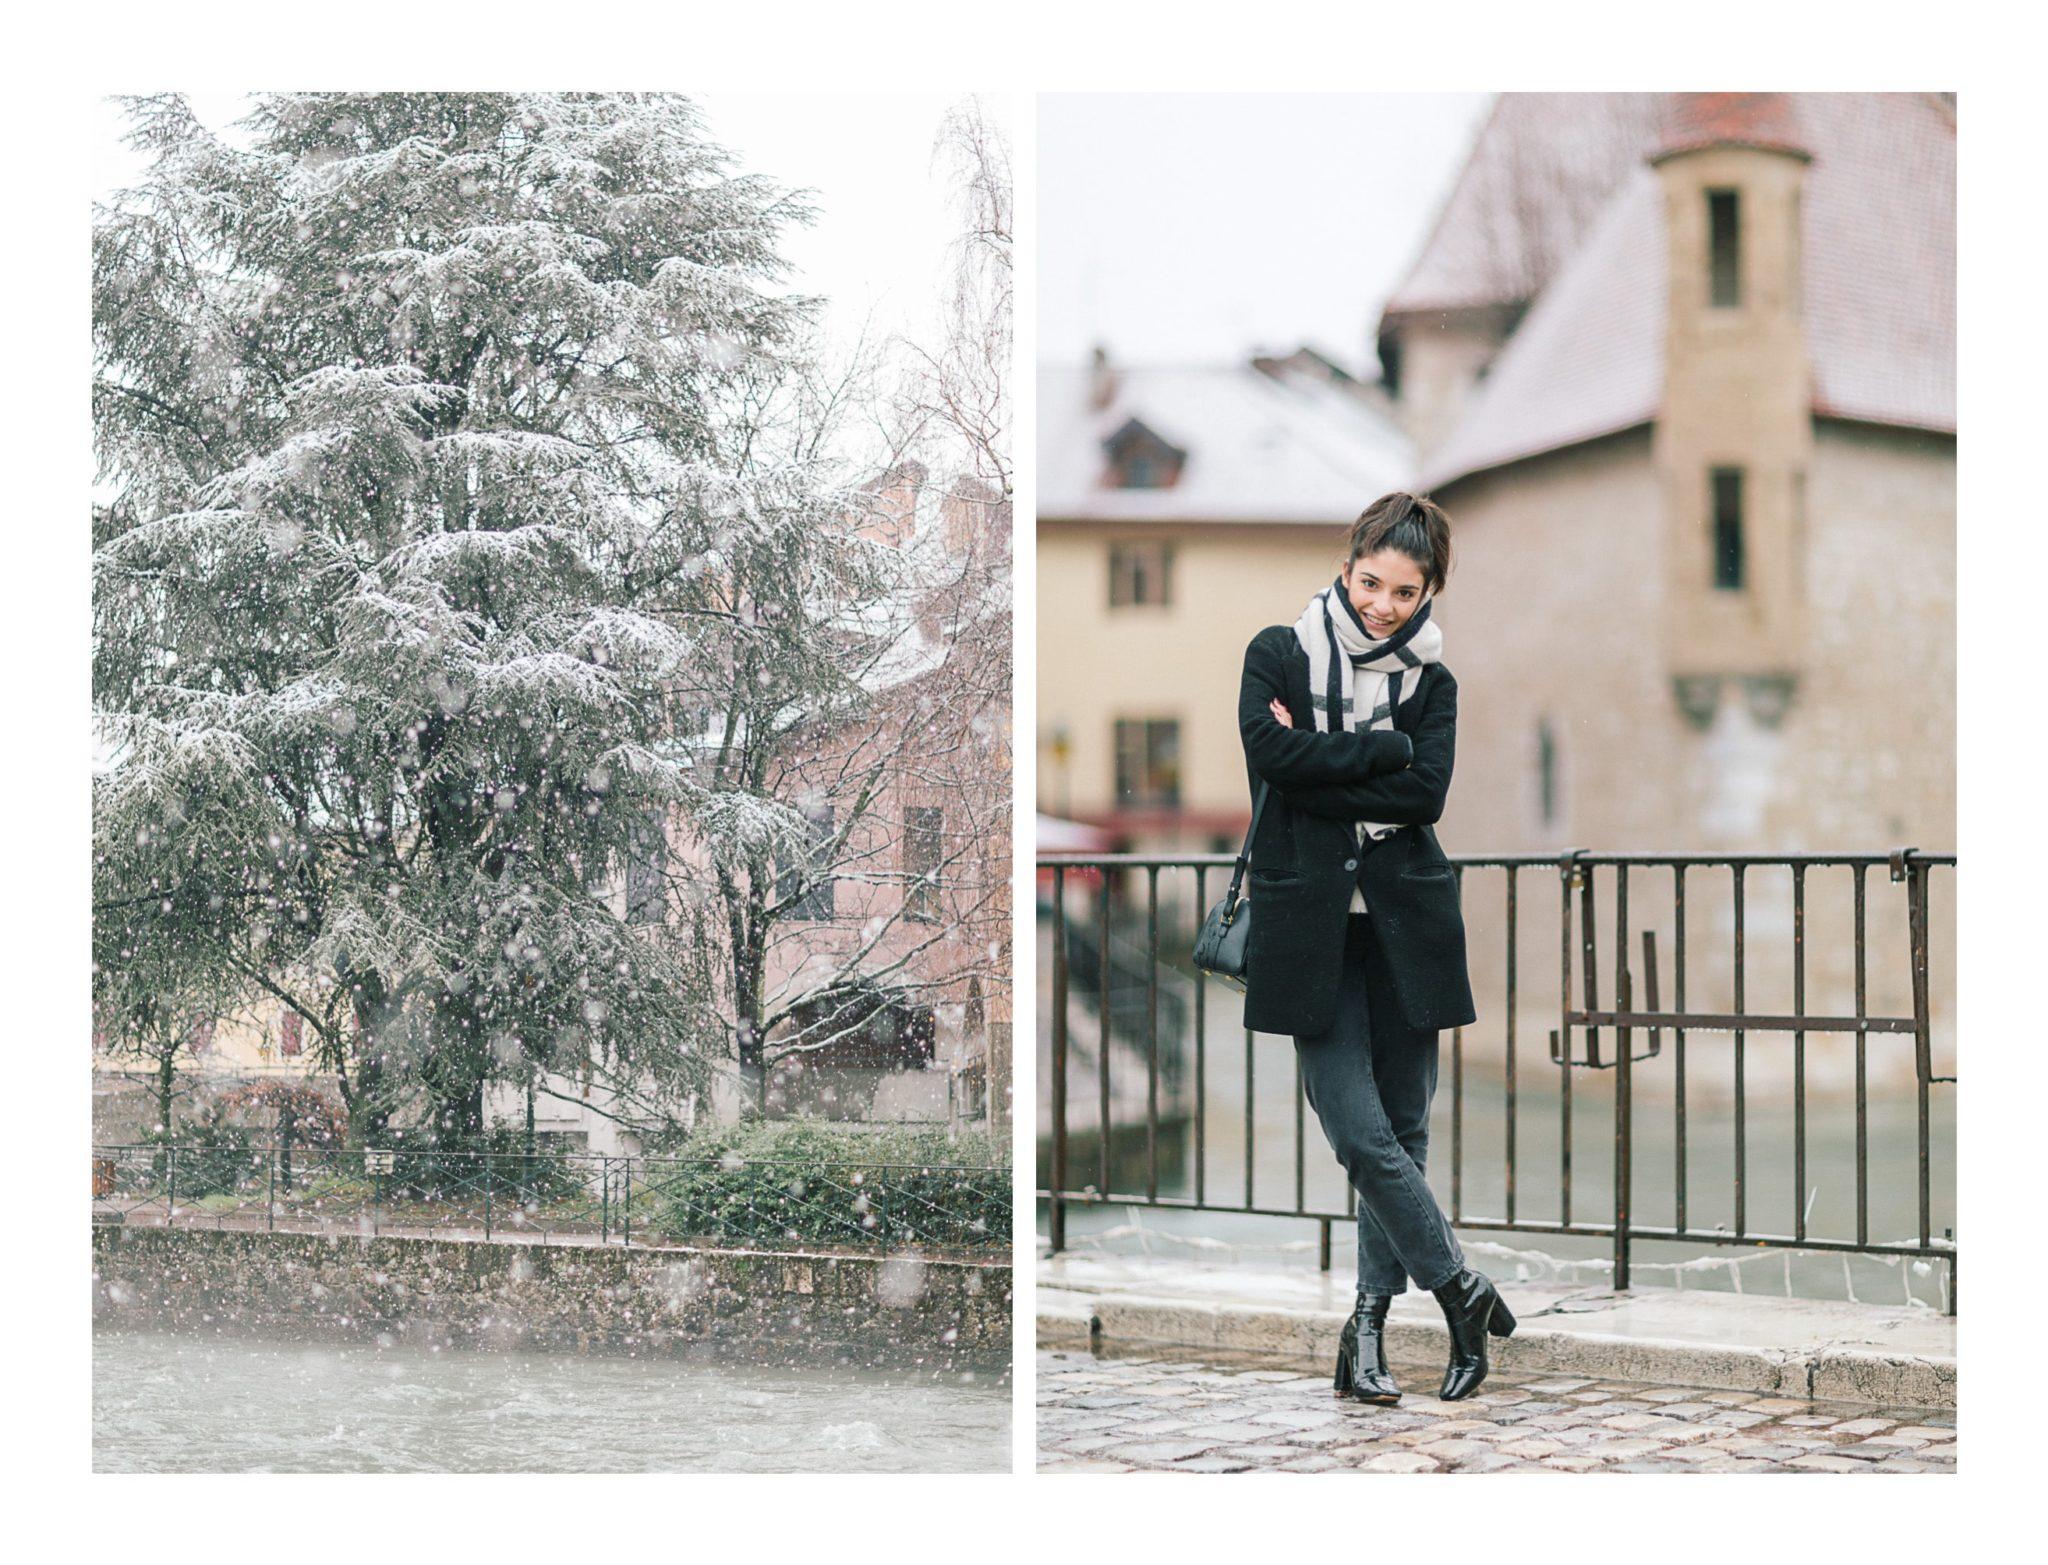 Ensuite, photo de l'actrice Éléonore Sarrazin à l'occasion d'une séance portrait à Annecy sous la neige